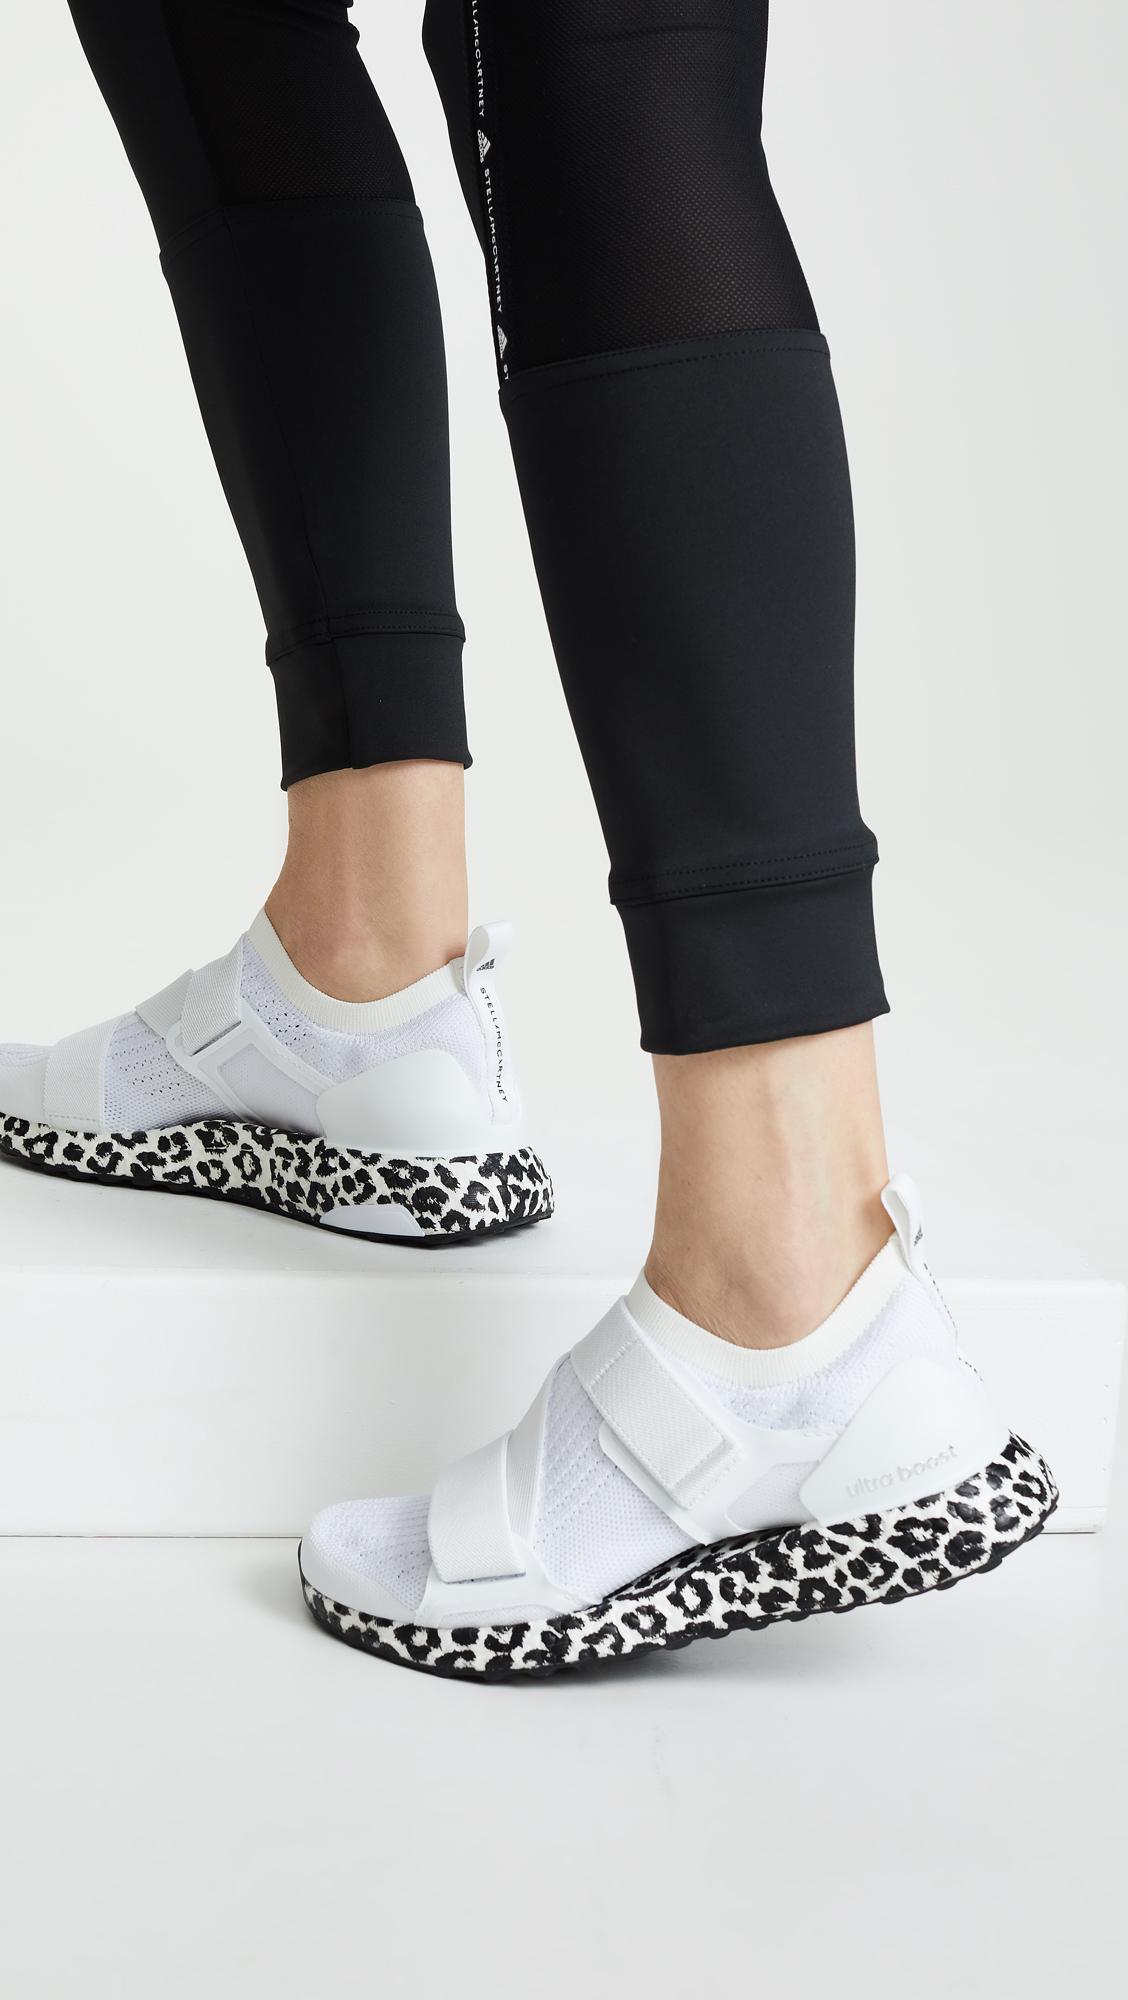 05aaf4ea5 Lyst - adidas By Stella McCartney Ultraboost X Sneakers in White